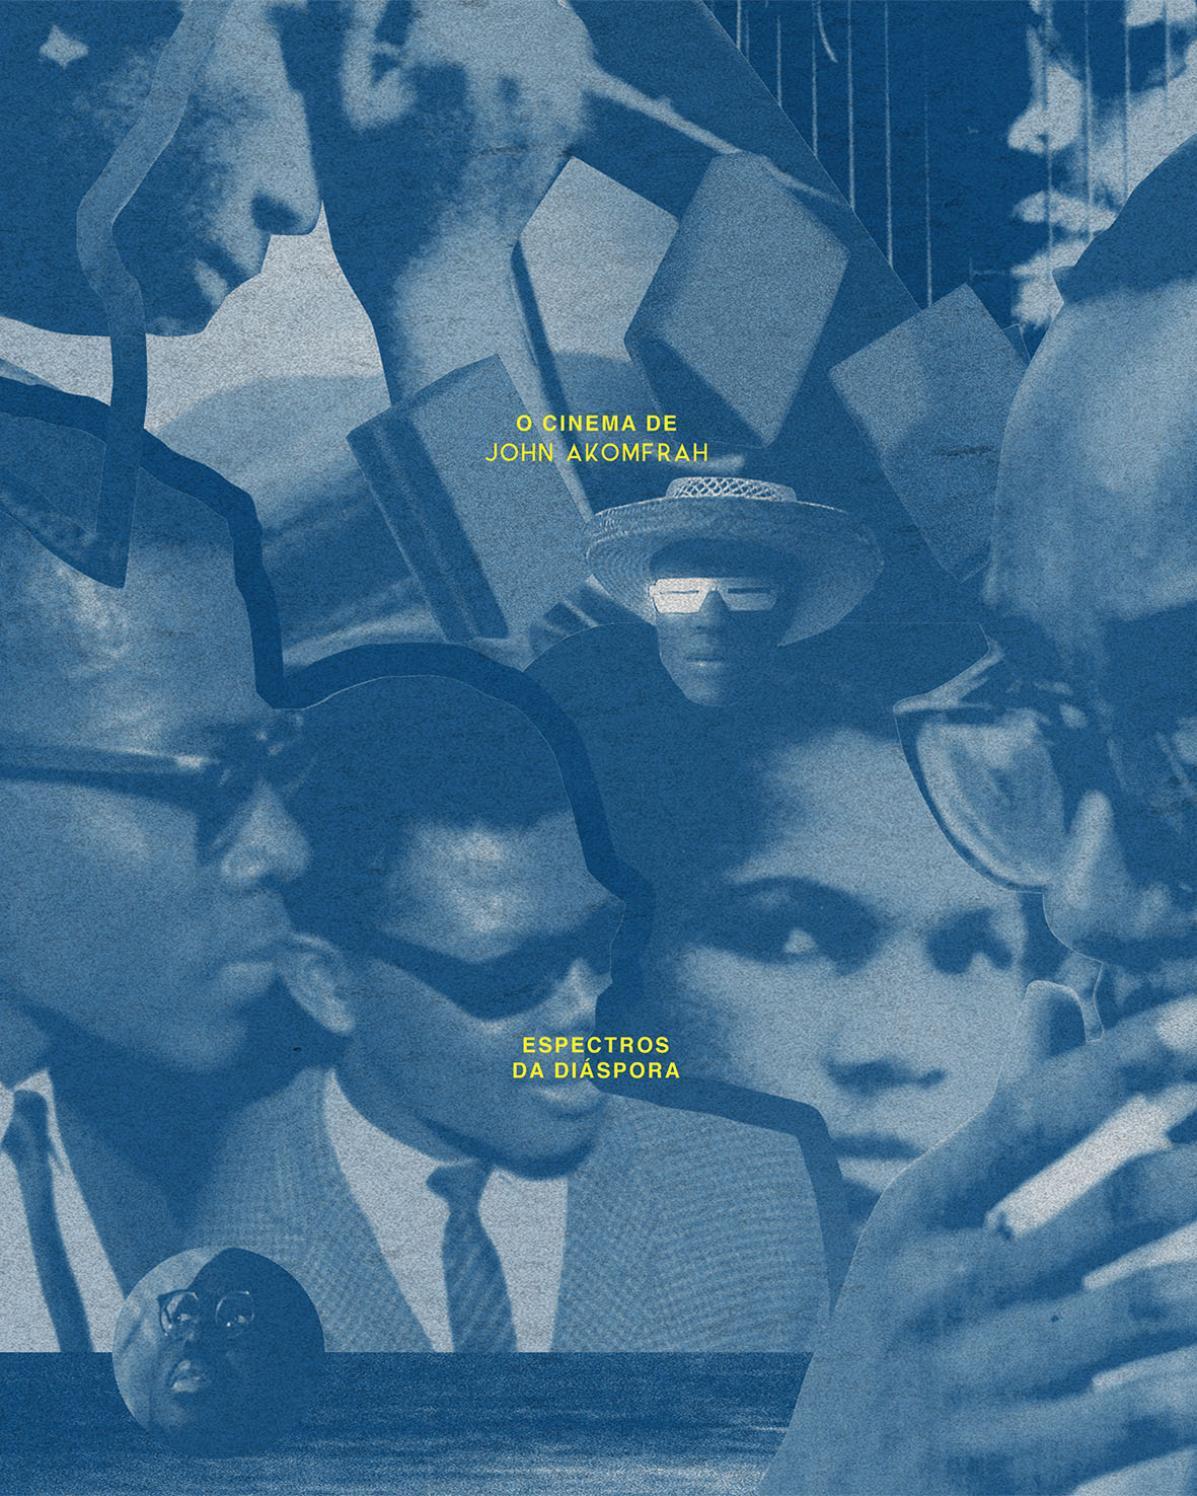 O Cinema de John Akomfrah – Espectros da Diáspora   by HistóriaTec - issuu b5ef07988c